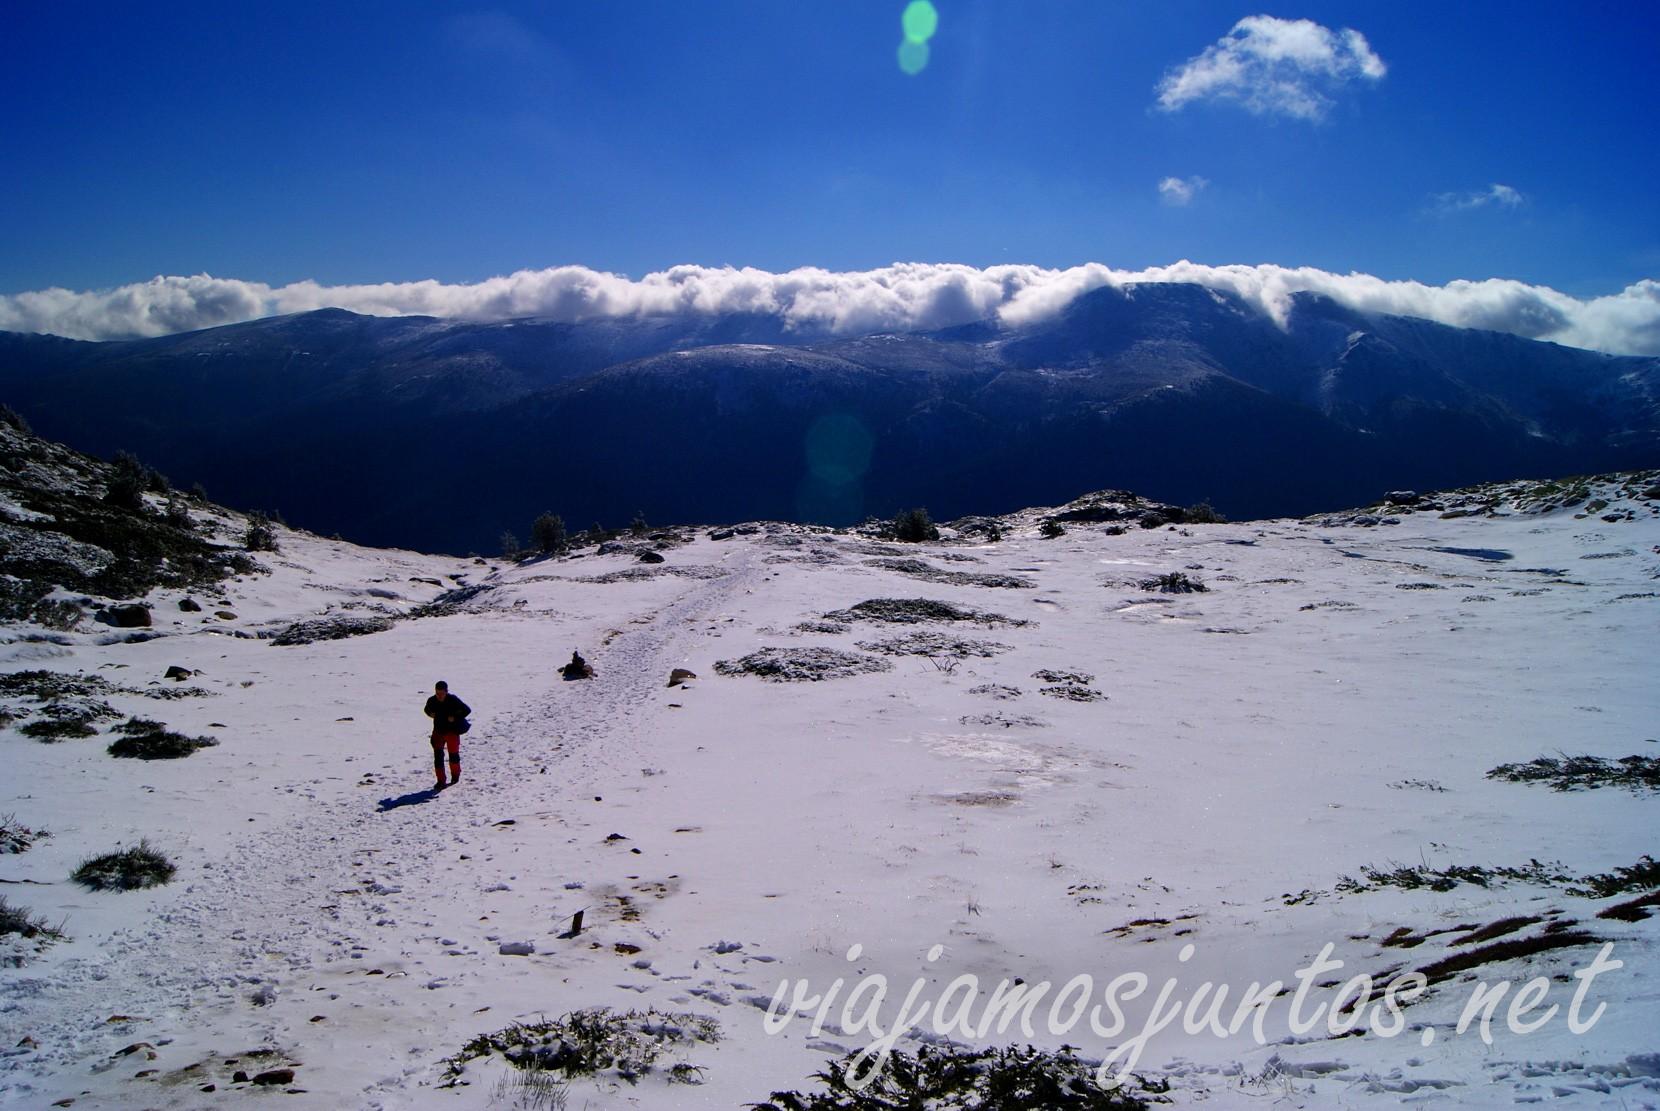 El camino sigue... Peñalara, el pico más alto de la comunidad de Madrid y Segovia. Ruta circular